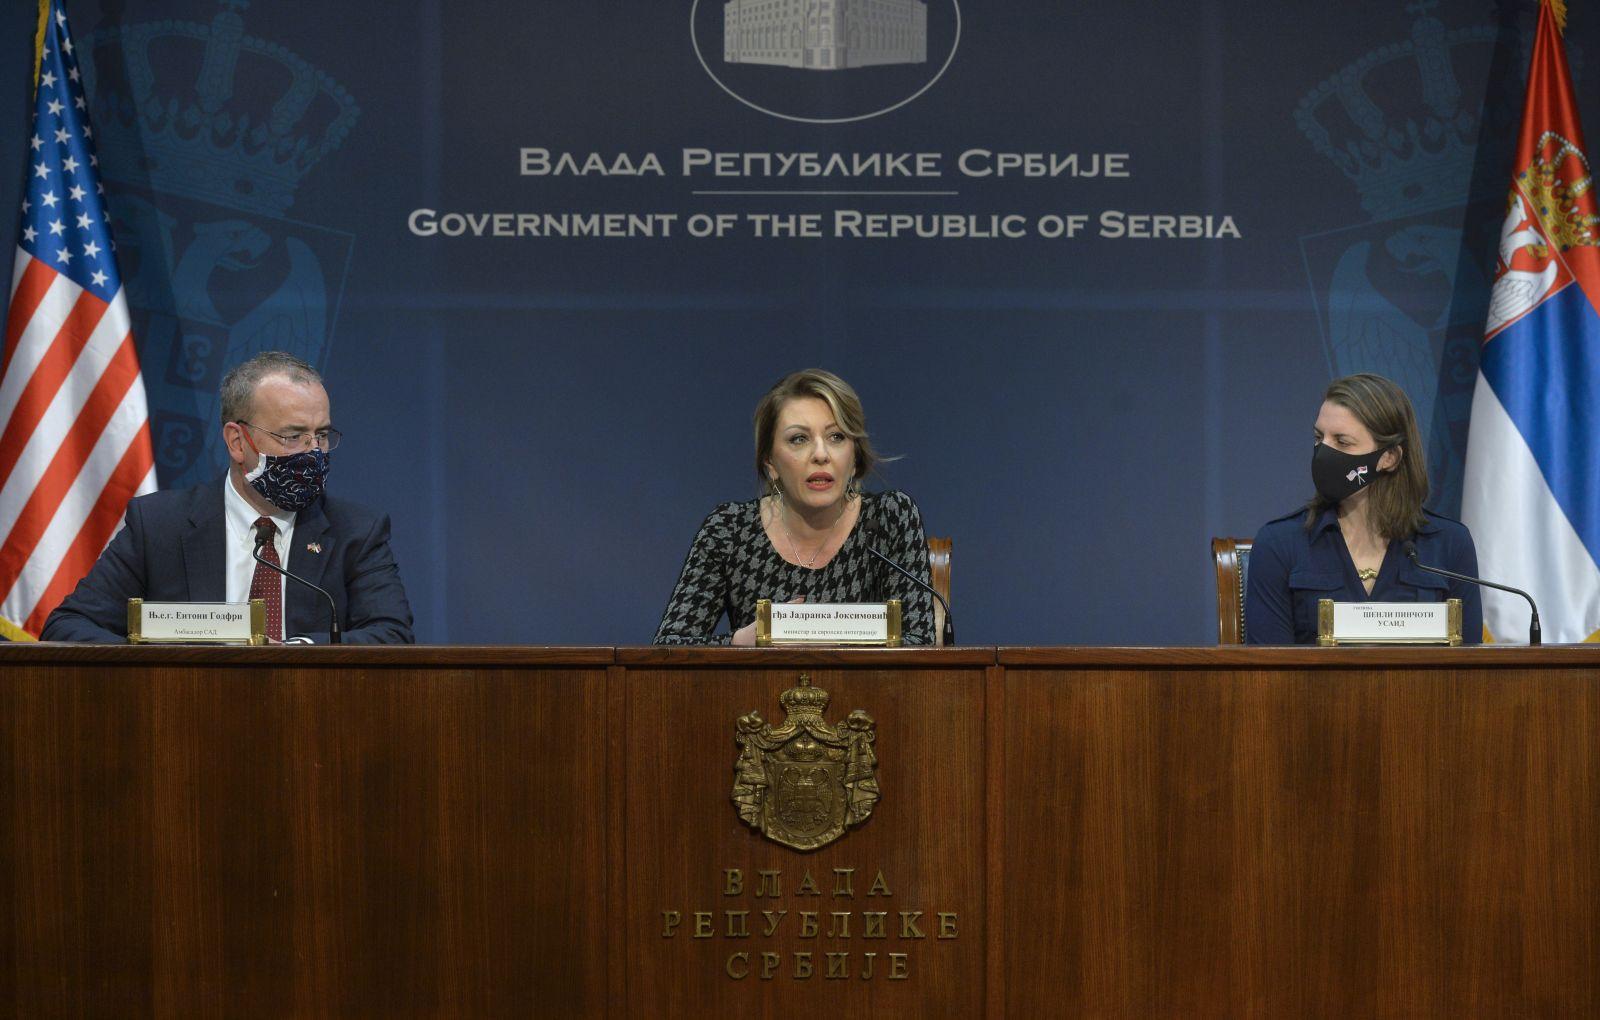 Ј. Јоксимовић: УСАИД донира још 22 милиона долара Србији за реформе